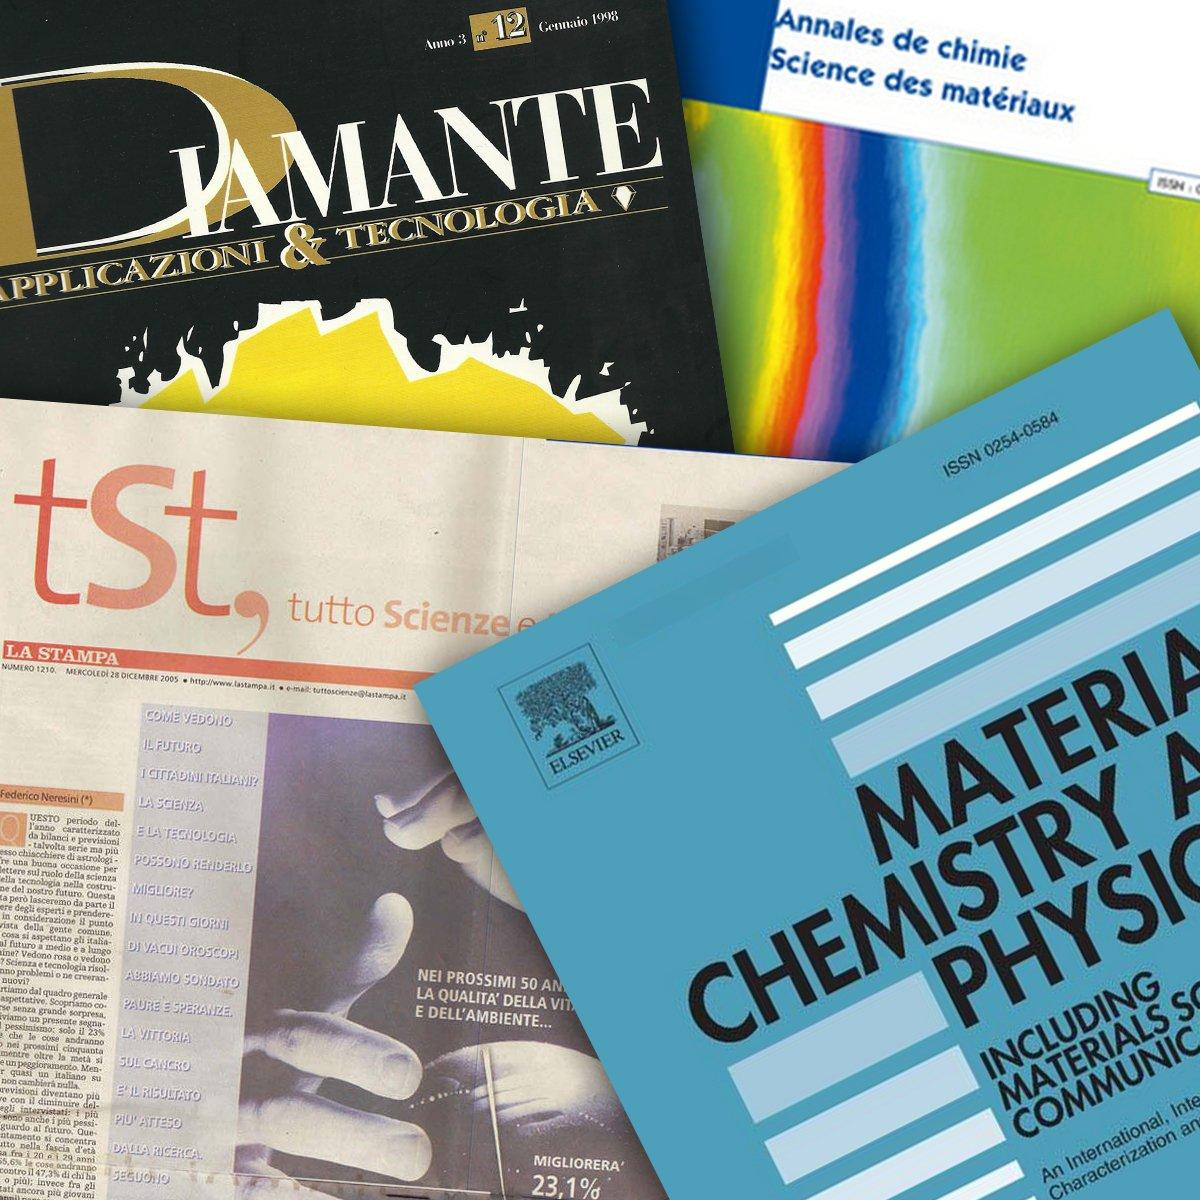 Articoli scientifici